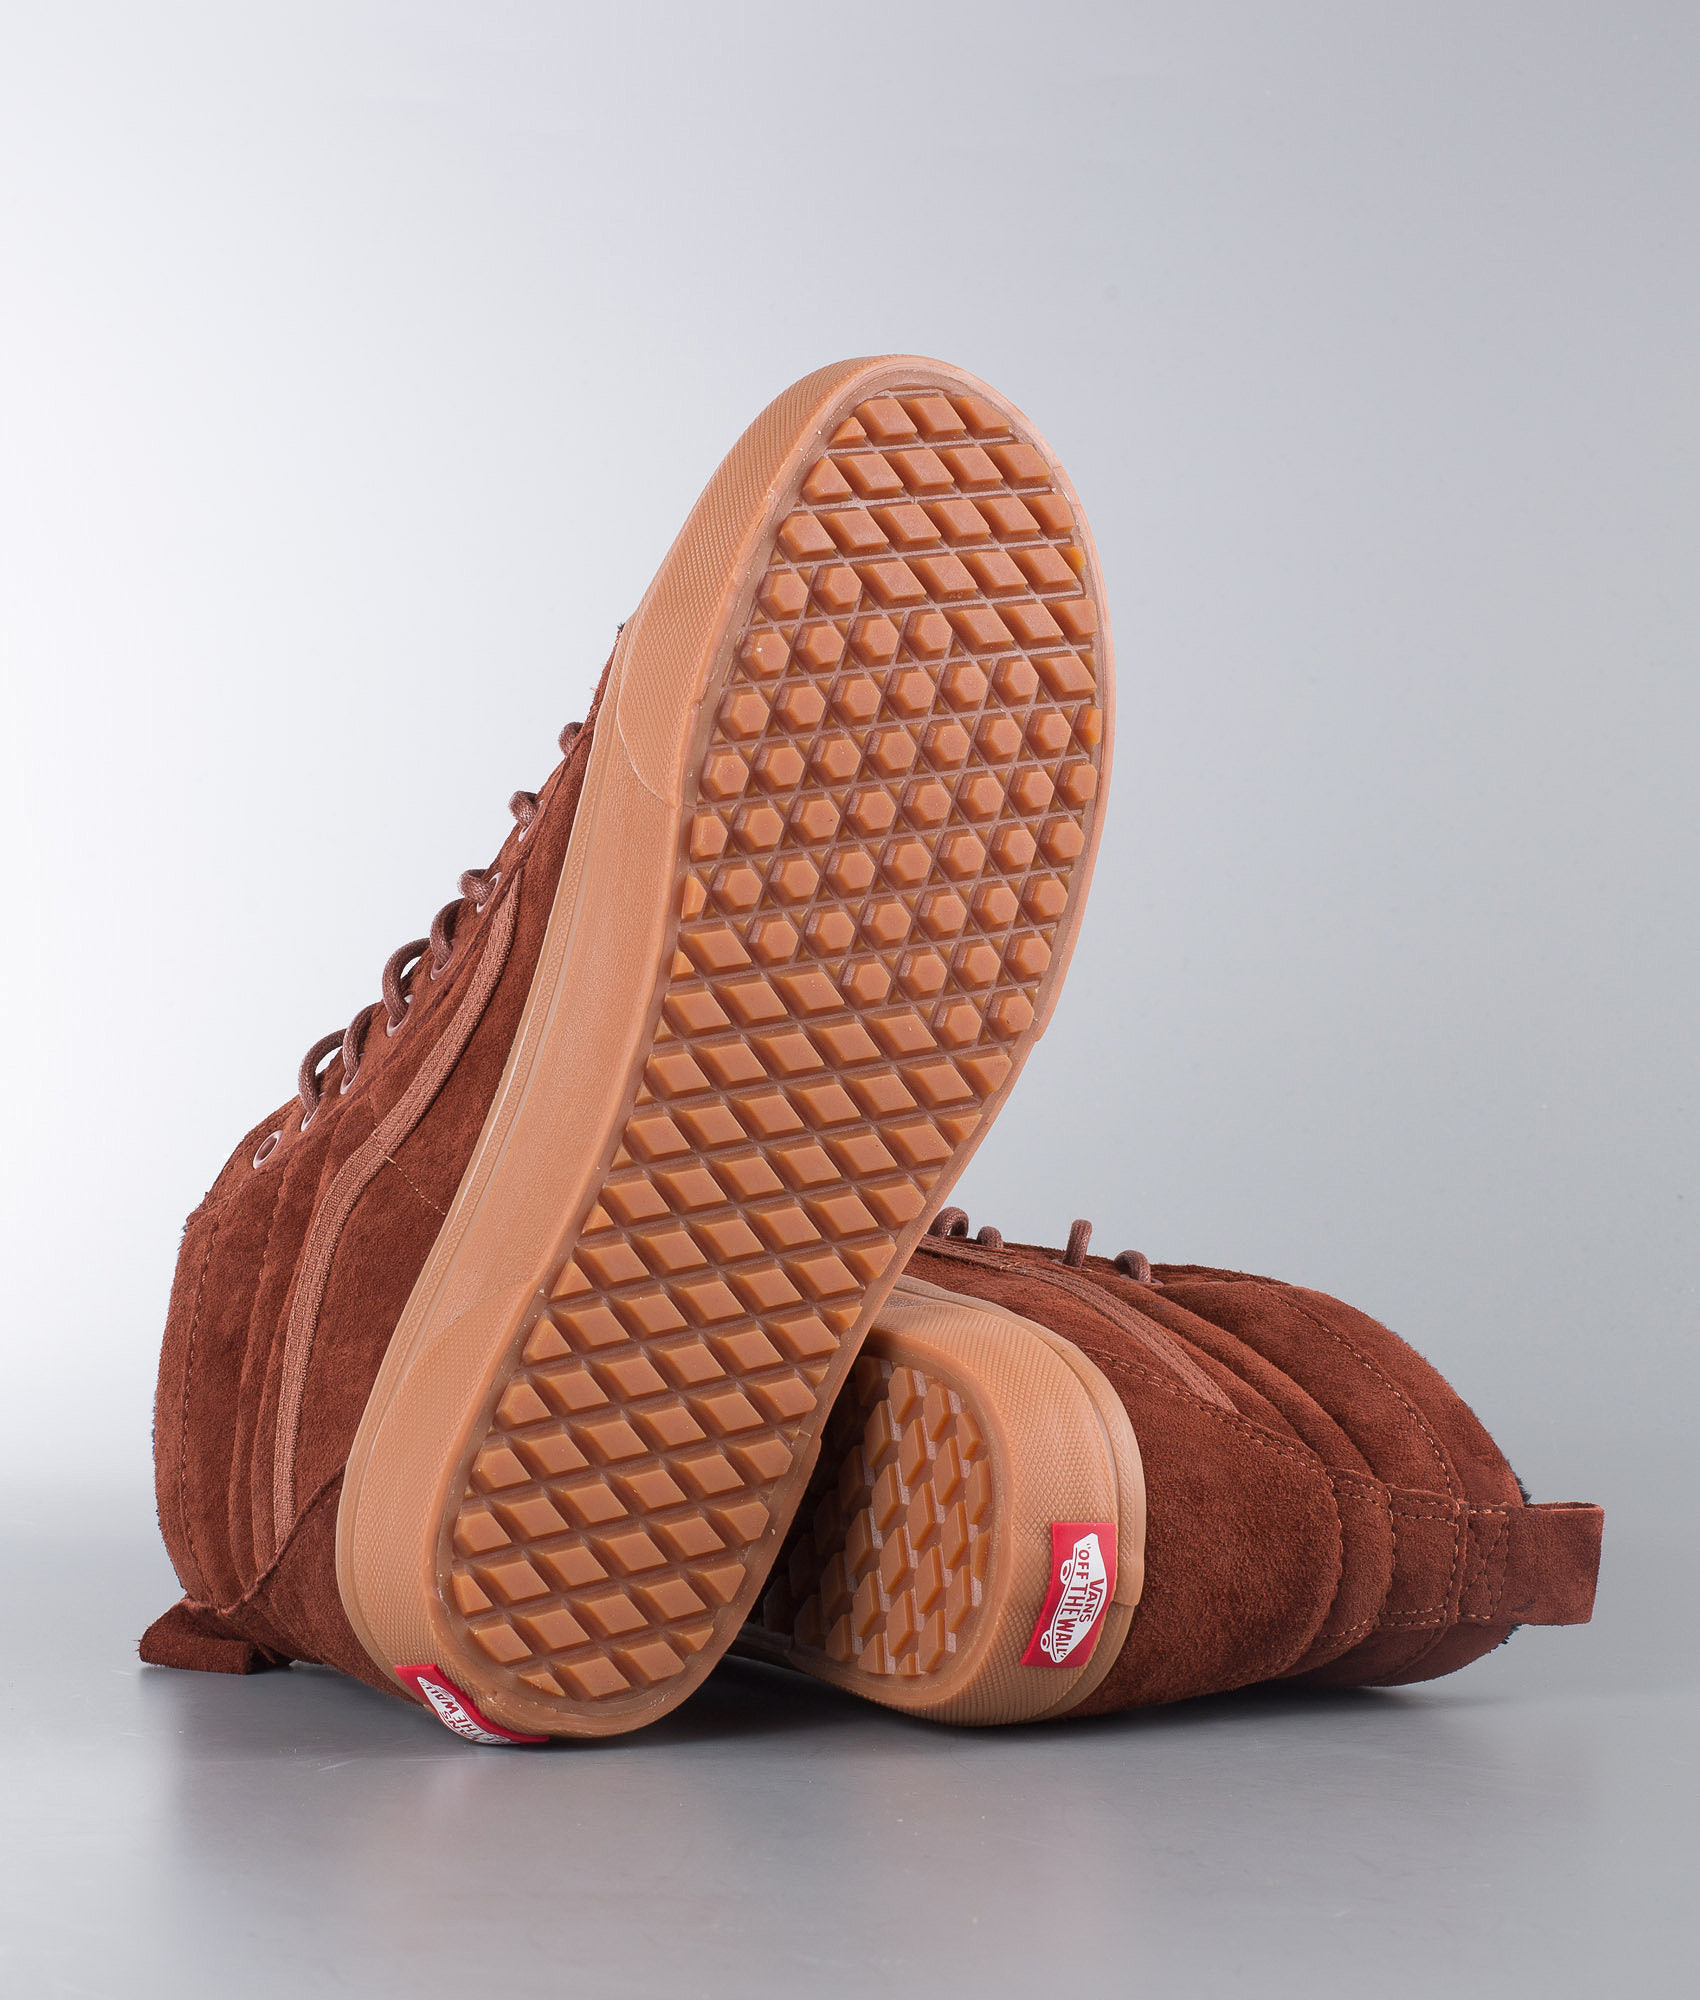 81d880a029fe9f Vans Sk8-Hi Mte Shoes (Mte) Sequoia Gum - Ridestore.com